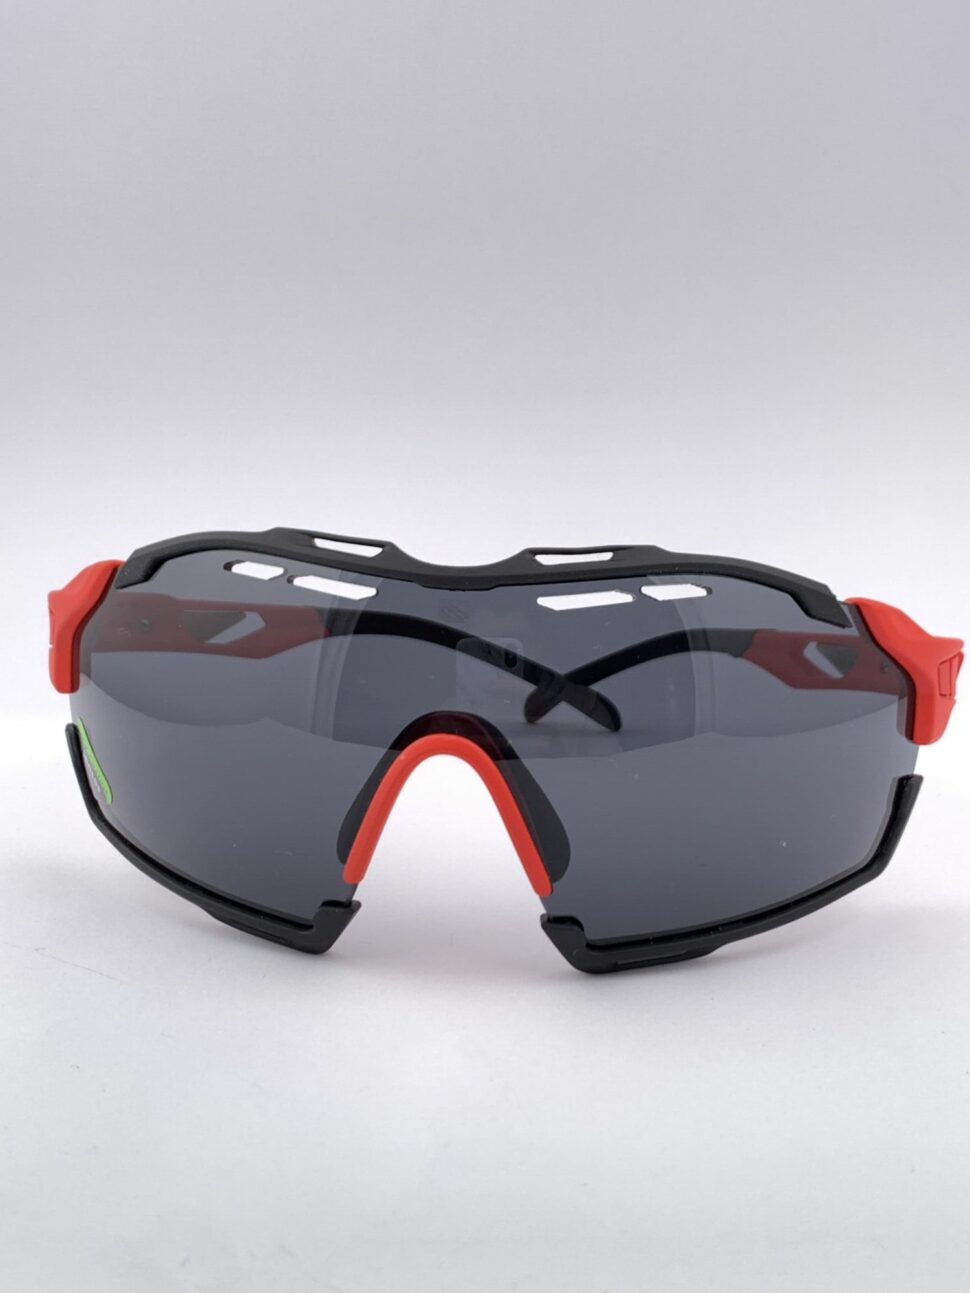 Cyklistické okuliare Cutline červené predný pohľad